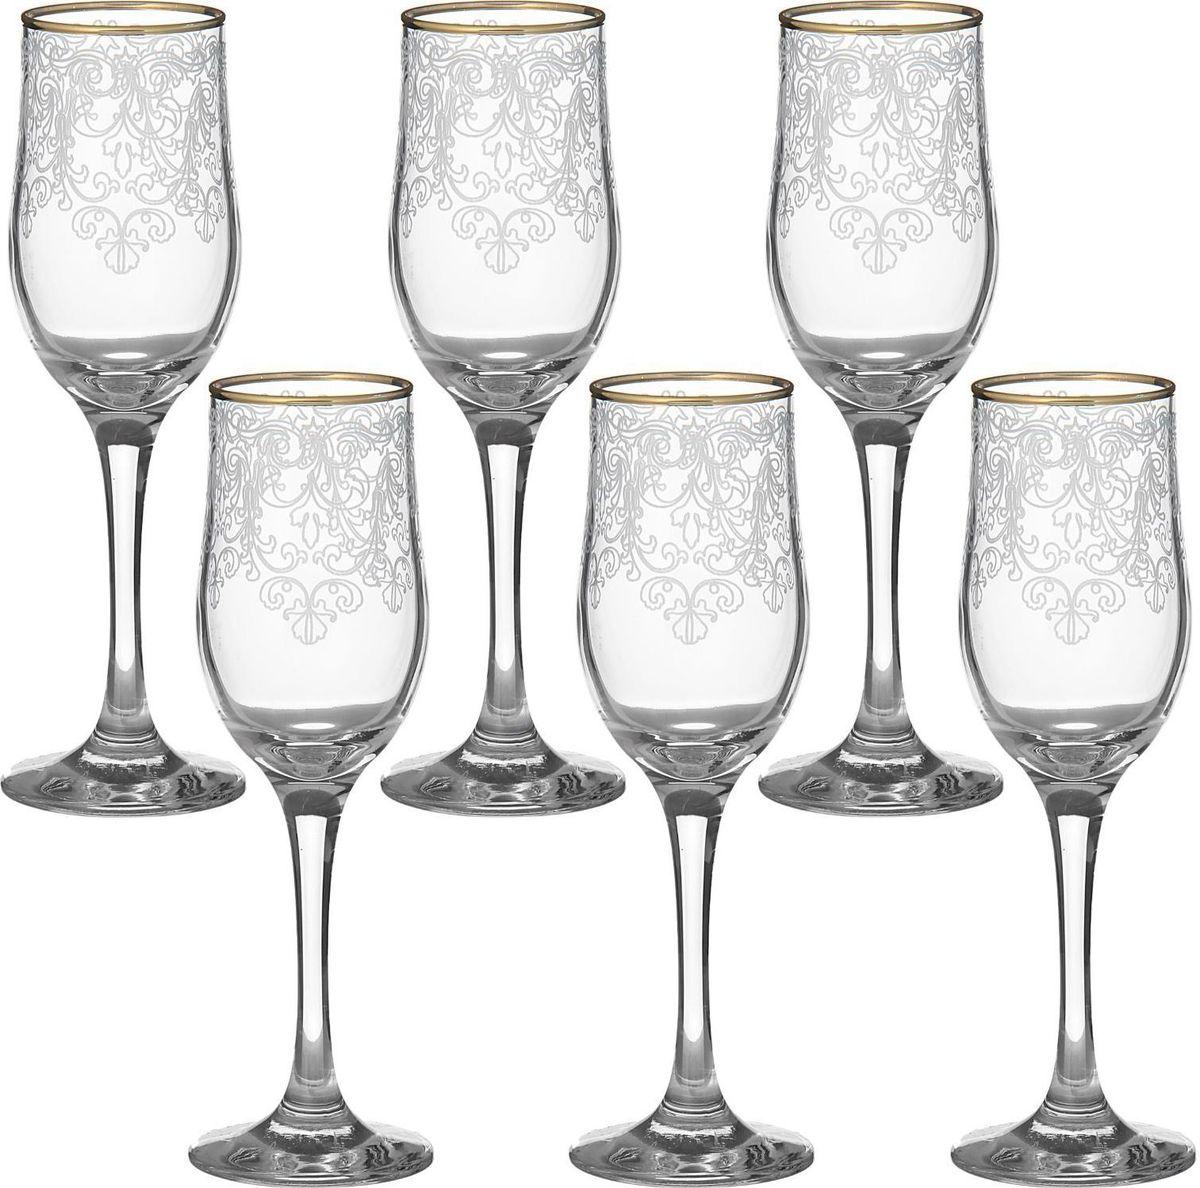 Набор бокалов для шампанского Декостек Византия, 200 мл, 6 шт. 1599306 набор бокалов для бренди коралл 40600 q8105 400 анжела